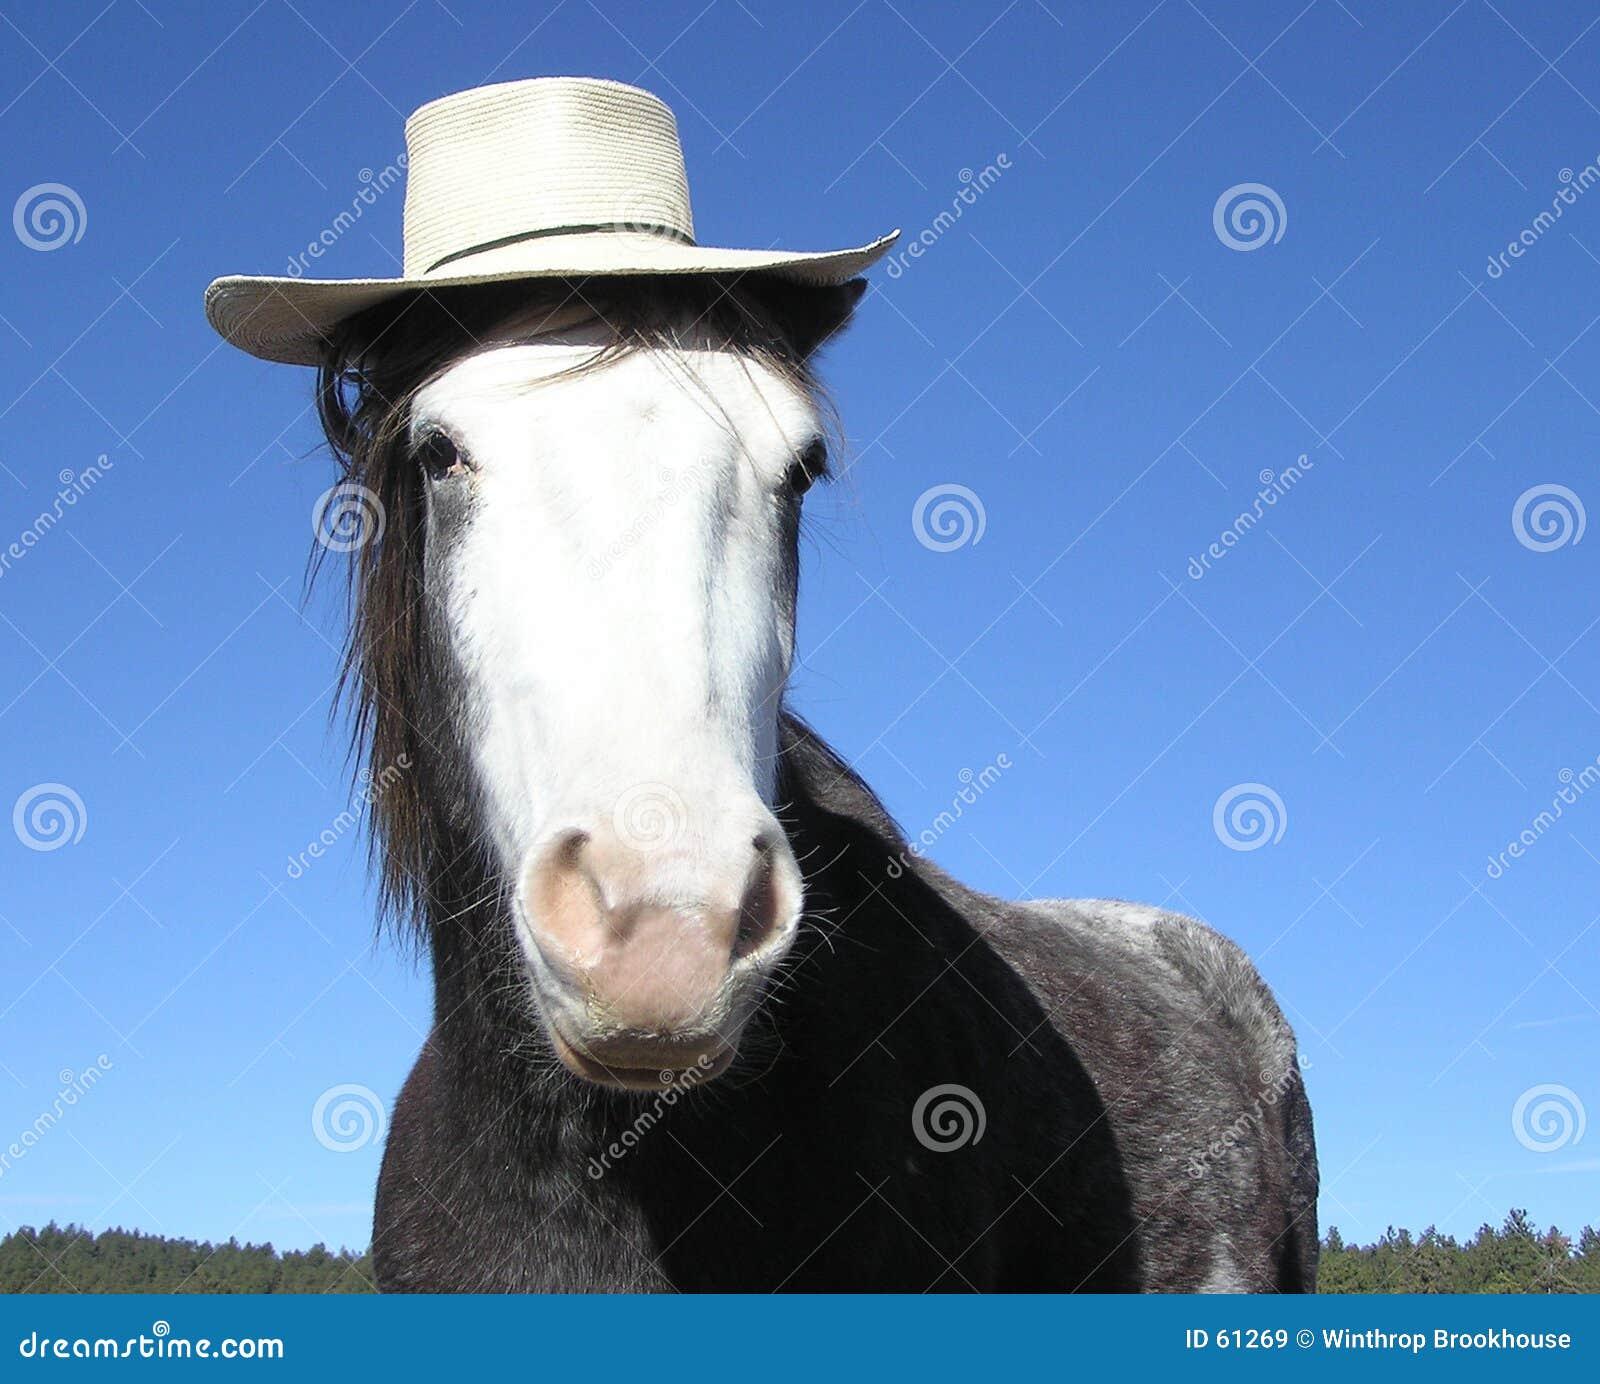 Cheval avec le chapeau de paille